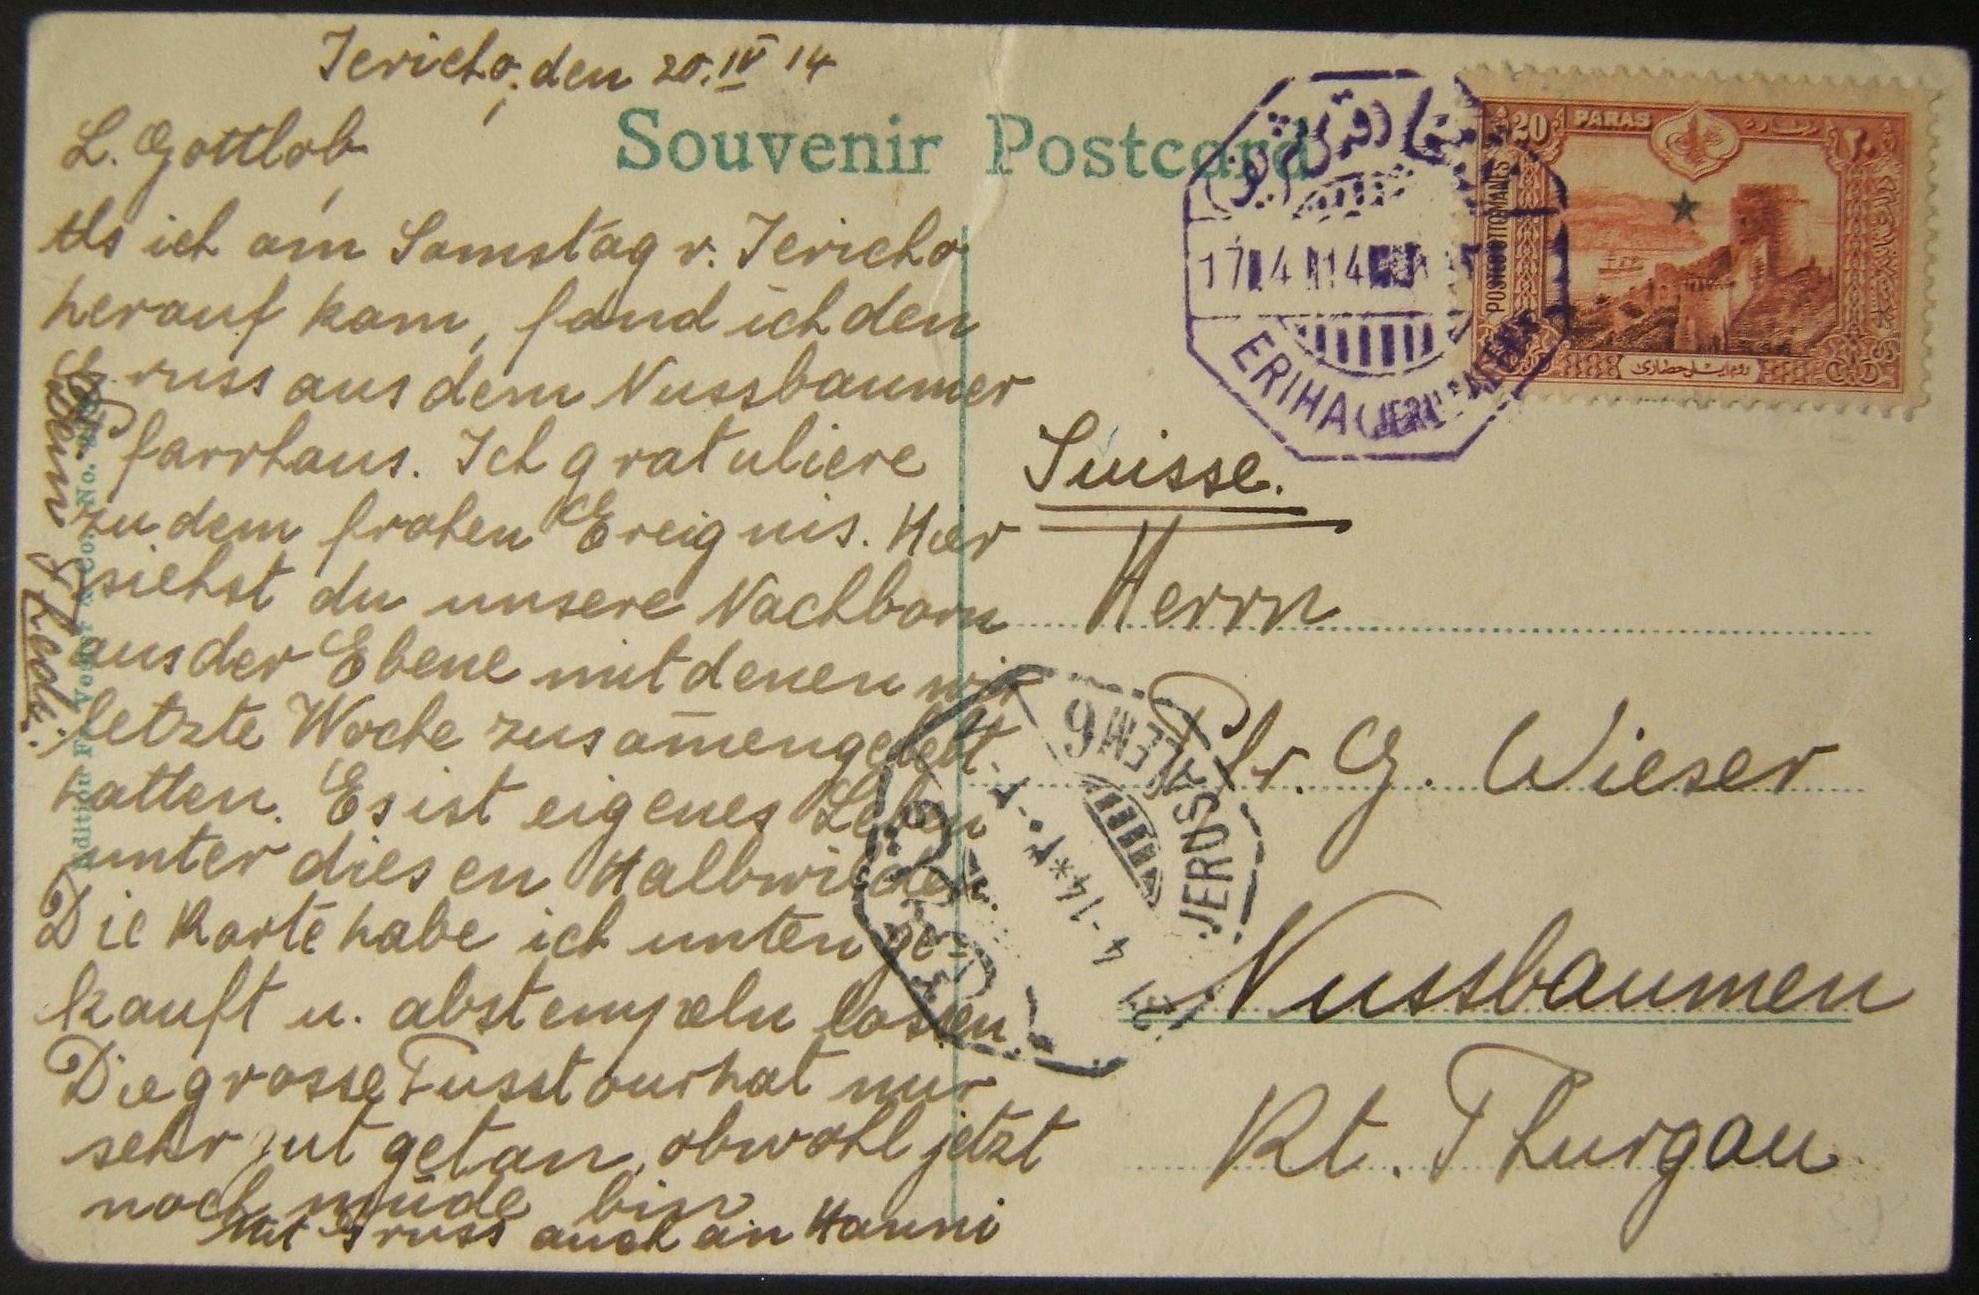 4/1914 Holyland العثمانية ERIHA / JERUSALEM ختم البريد البنفسجي على بطاقة بريدية إلى سويسرا